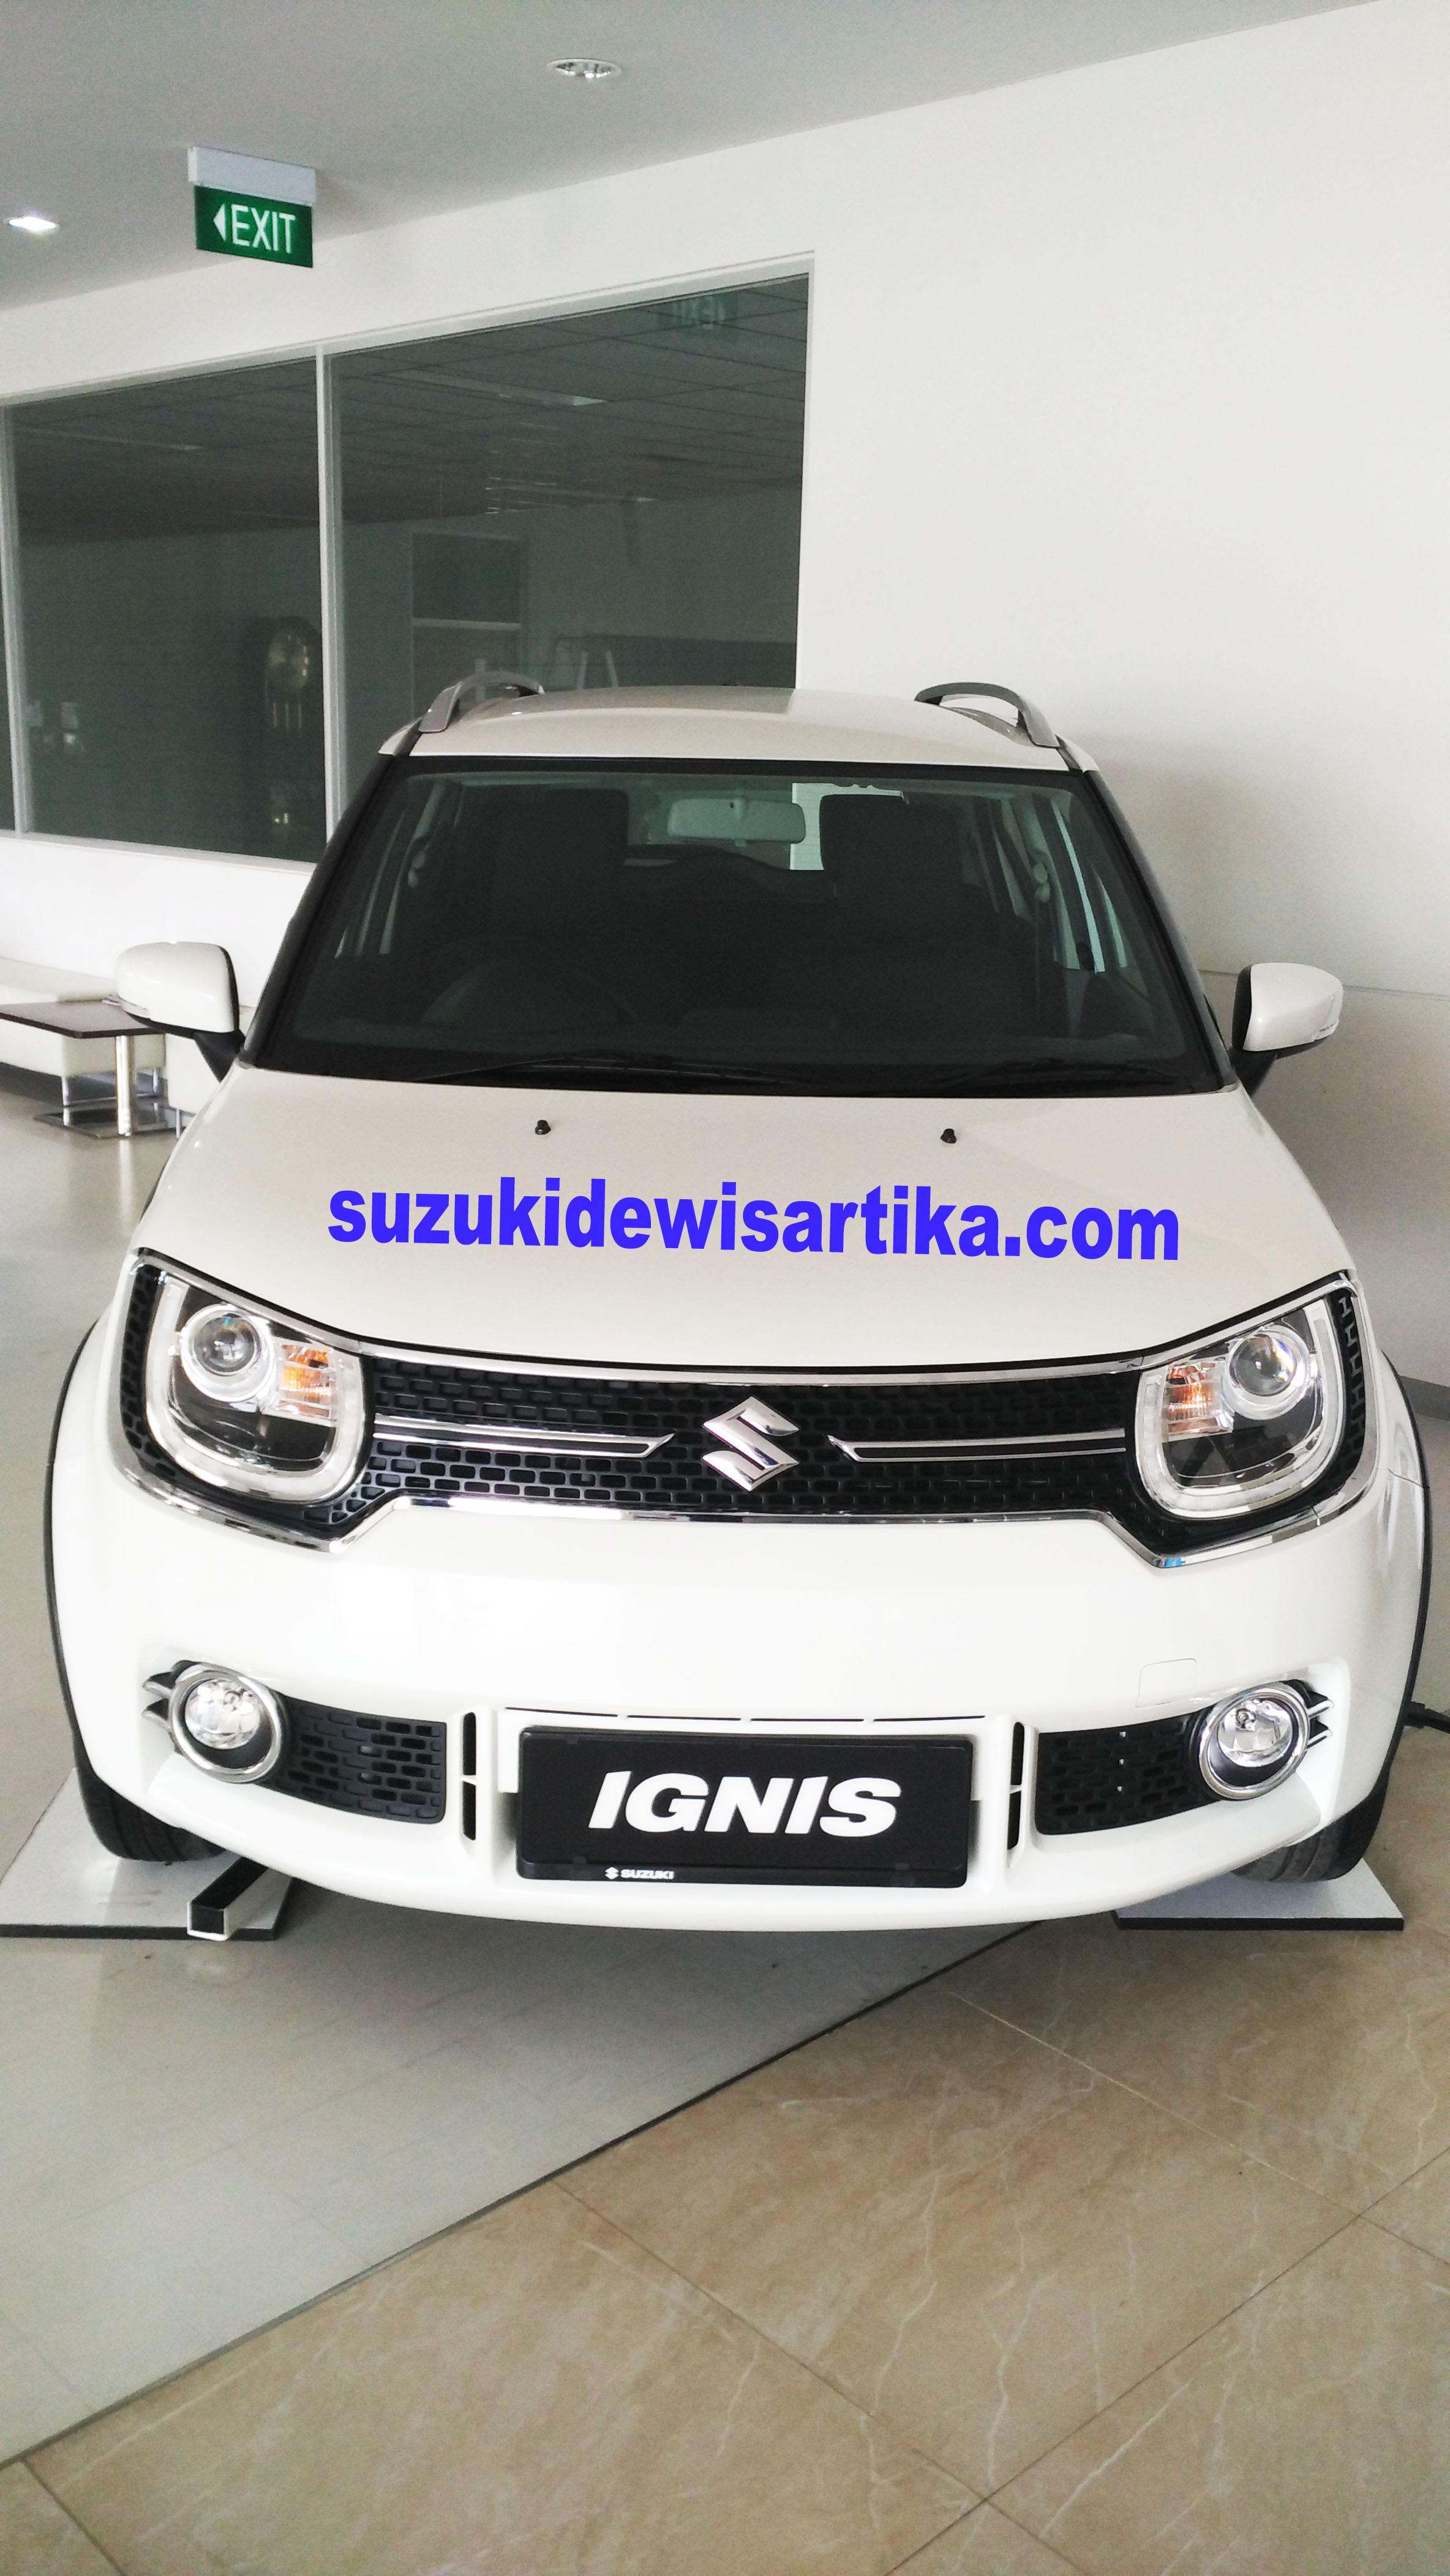 Suzuki Ignis Tampak Depan